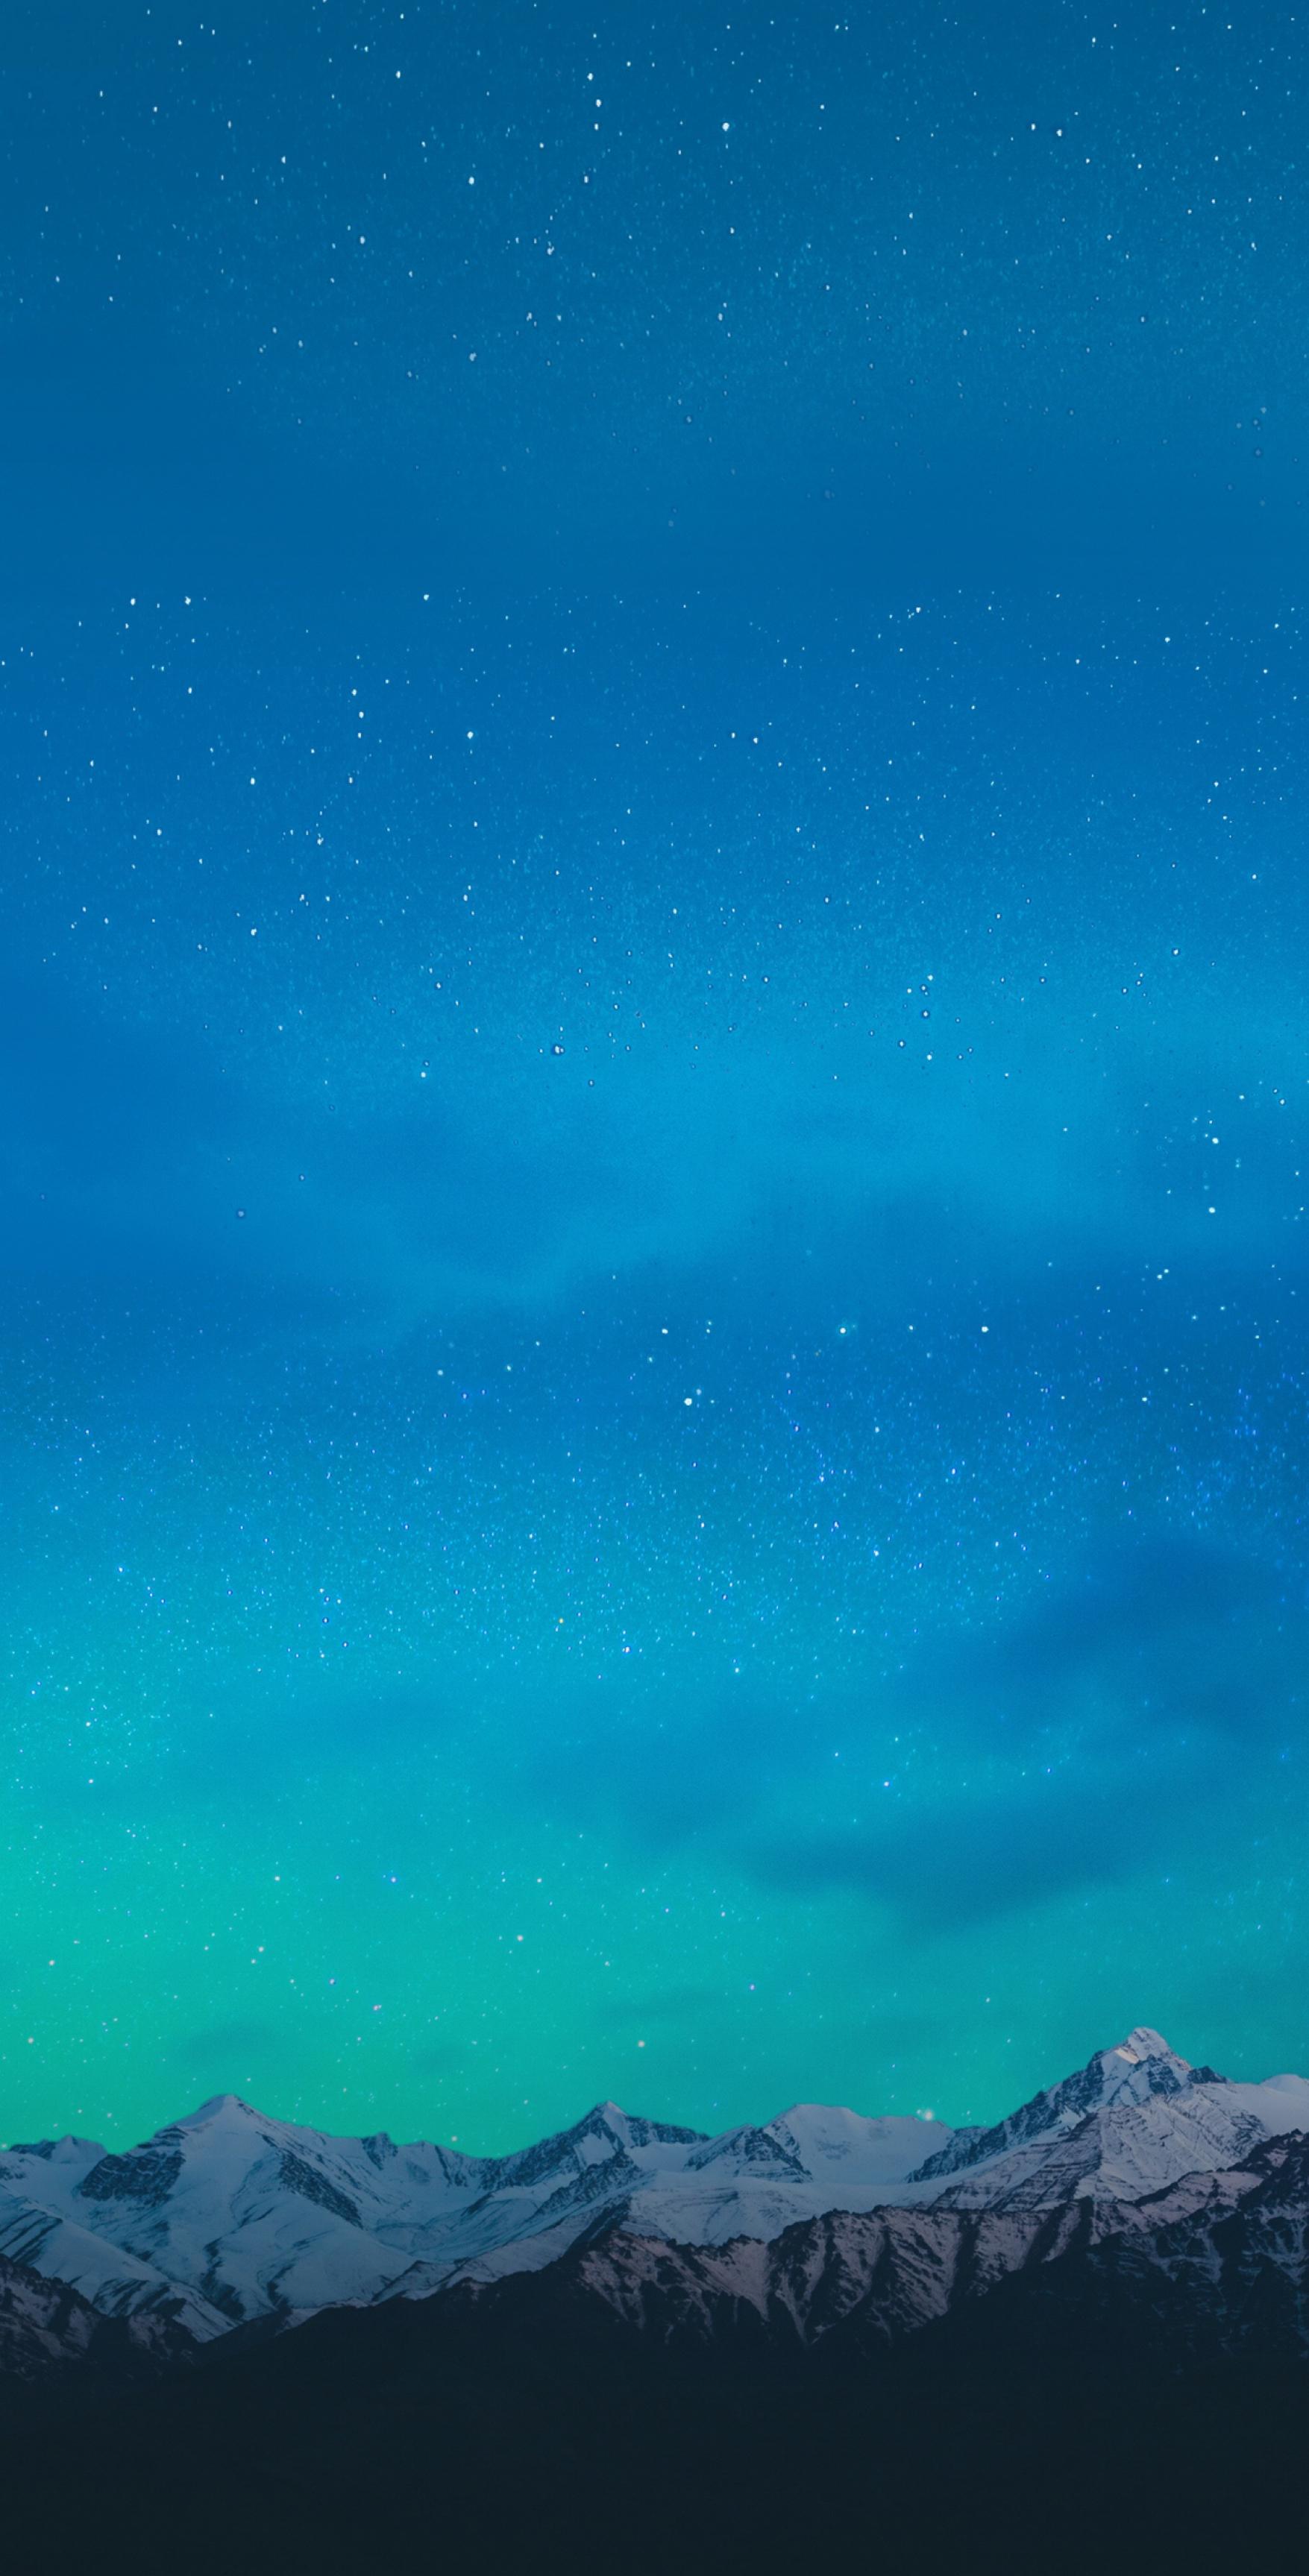 Mountain aqua wallpaper galaxy tranquil beauty 1755x3455